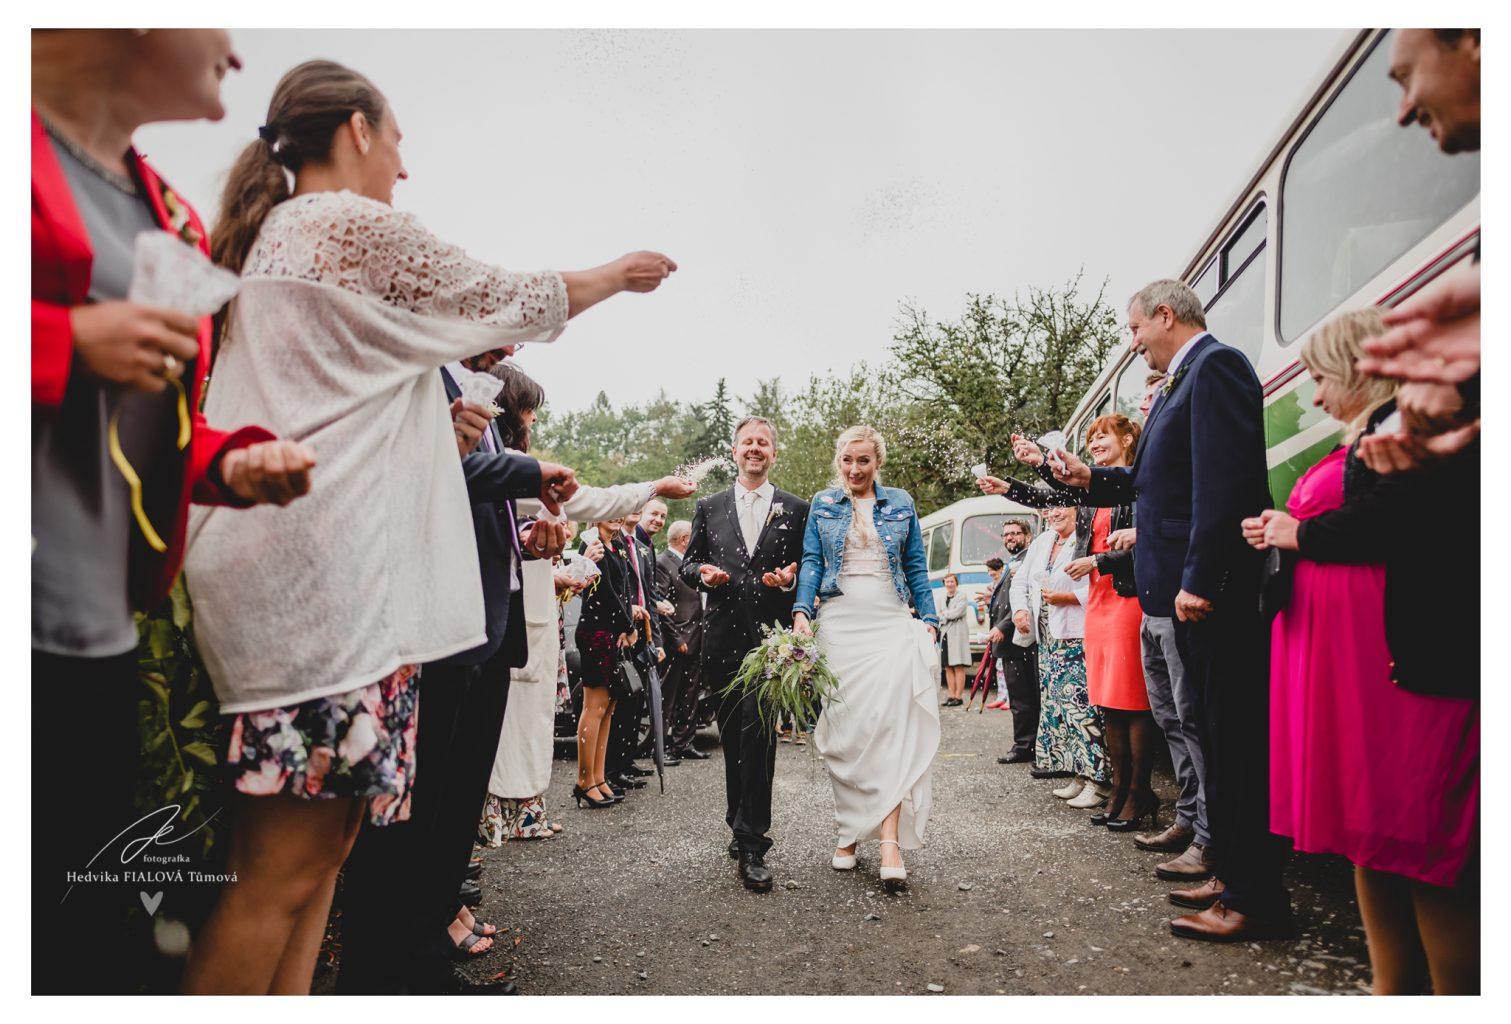 svatební špalír házení rýže na nevěstu a ženicha